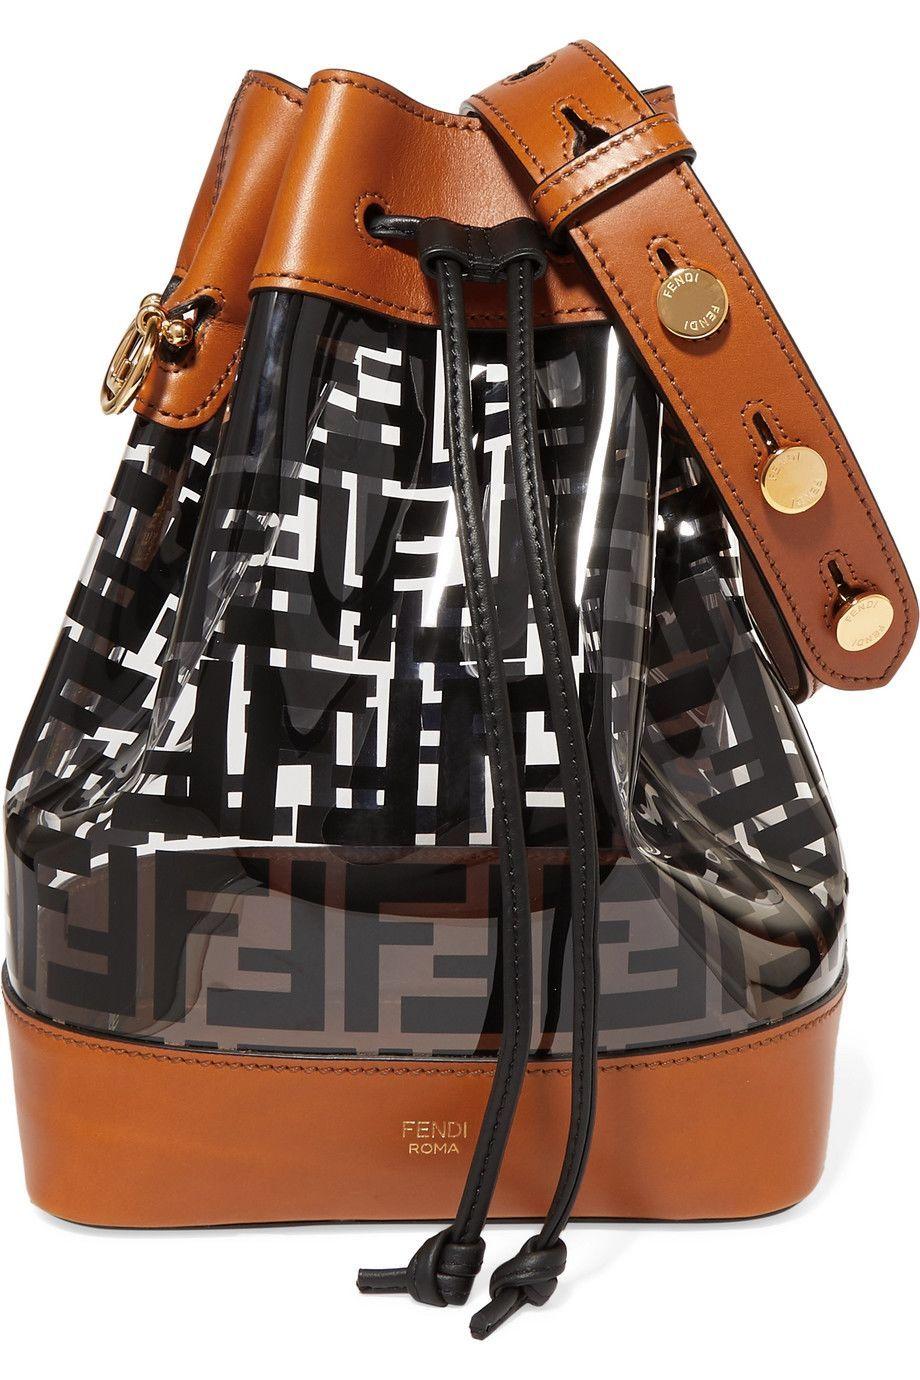 #PopbelaOOTD: Ini DiaShoulder Bag yang akan Trending